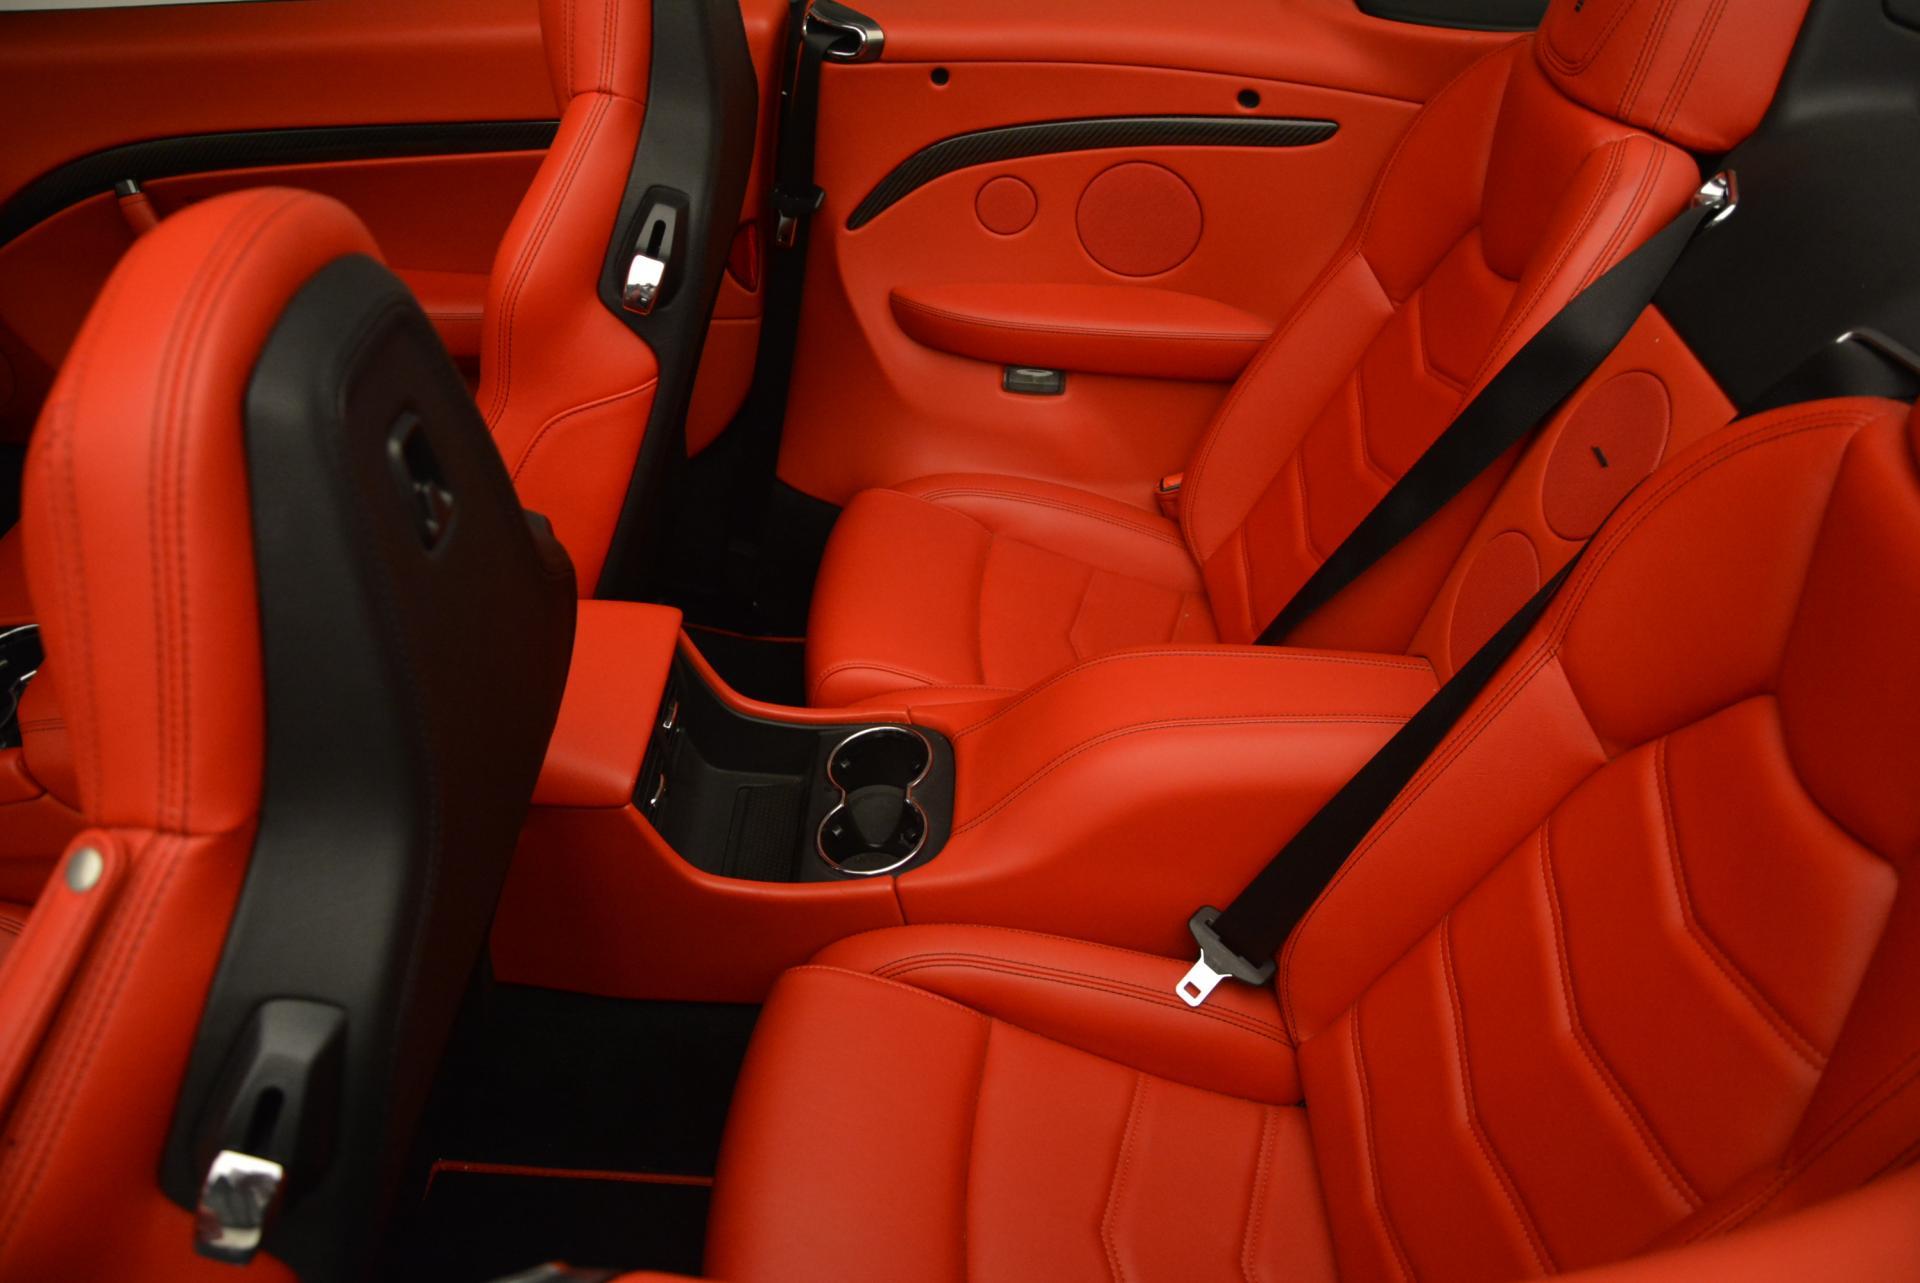 Used 2013 Maserati GranTurismo MC For Sale In Greenwich, CT 521_p25